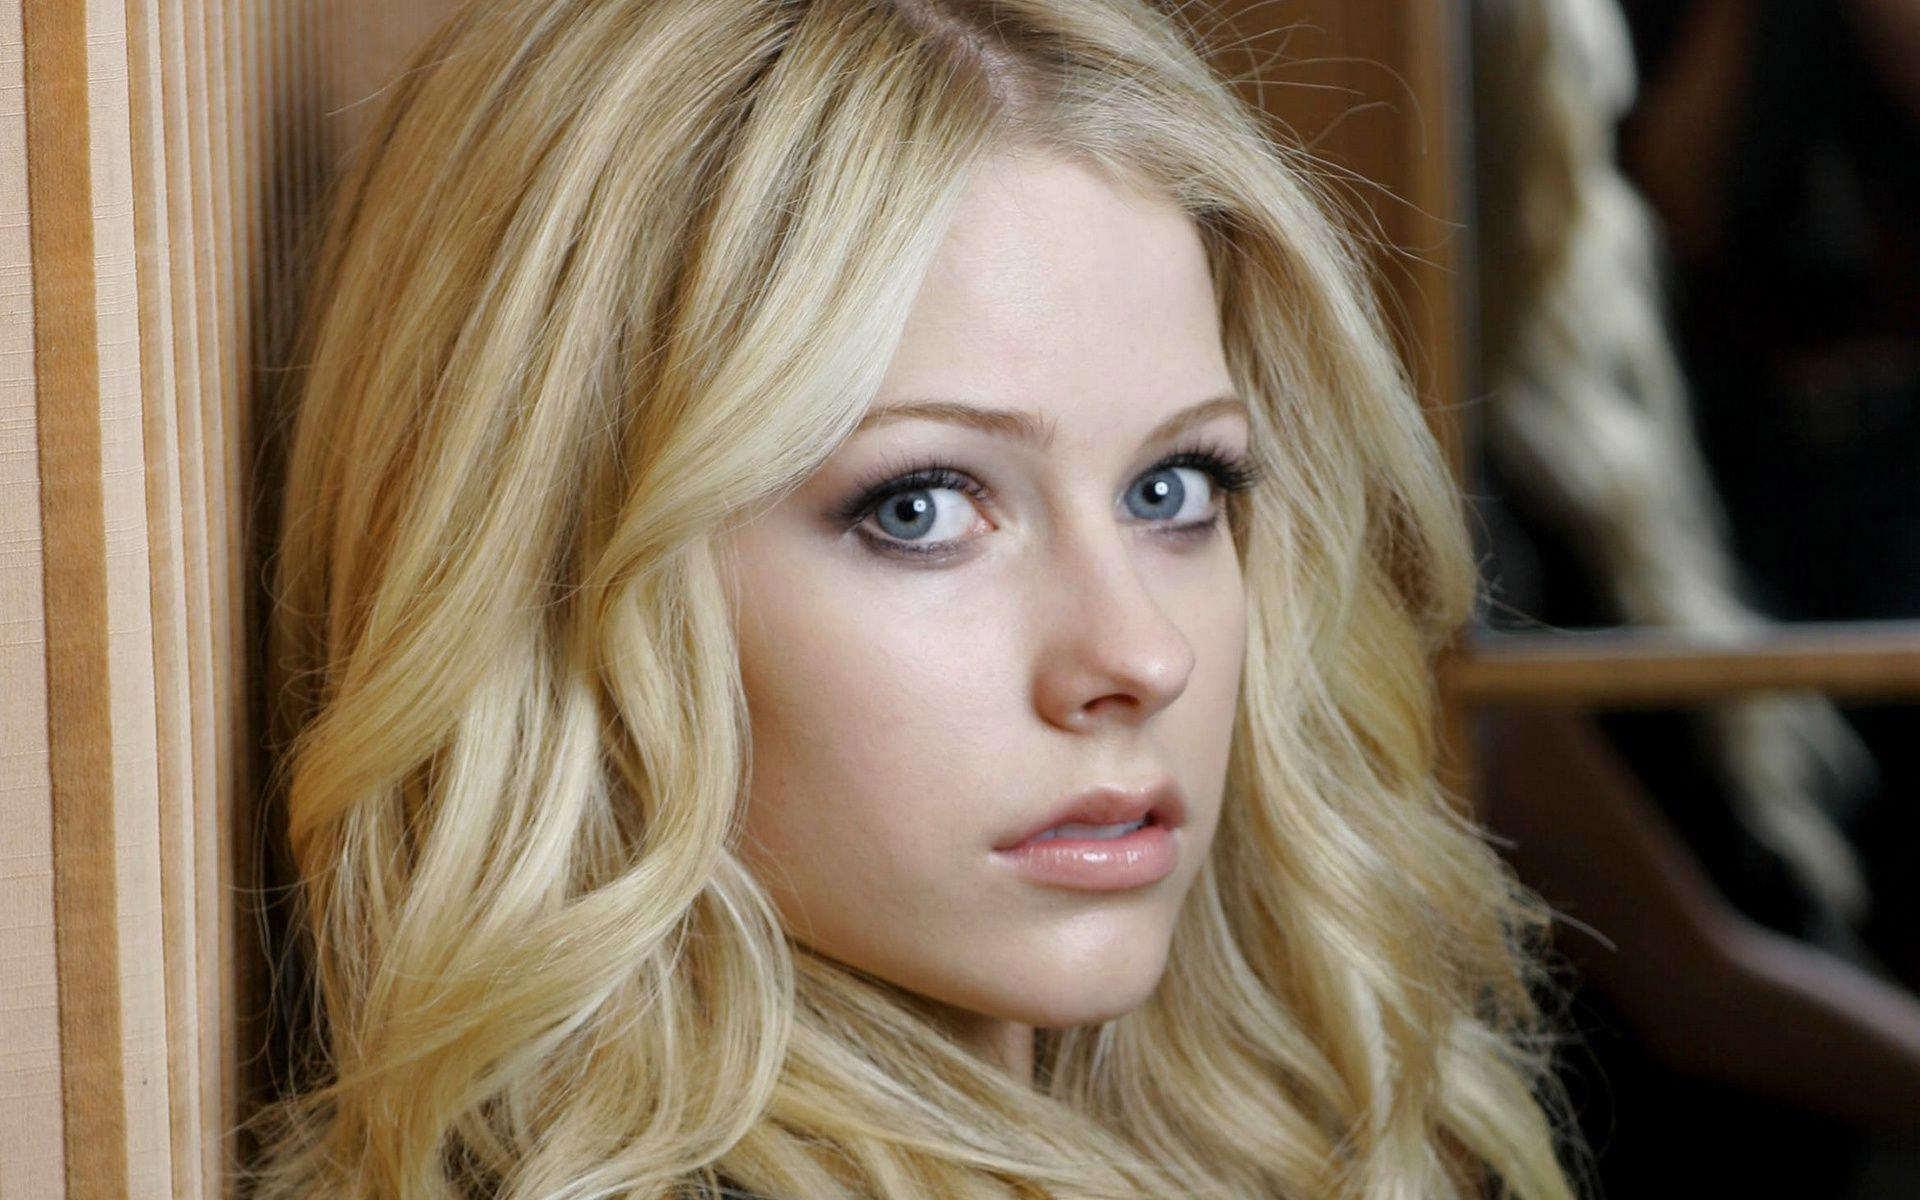 Avril Lavigne HD Wallpaper 1920x1080 ...